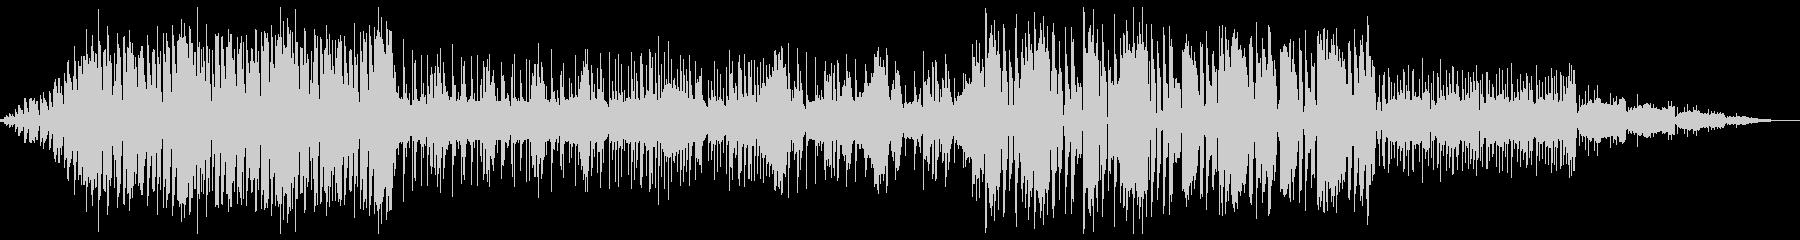 インダストリアルなグライムの未再生の波形